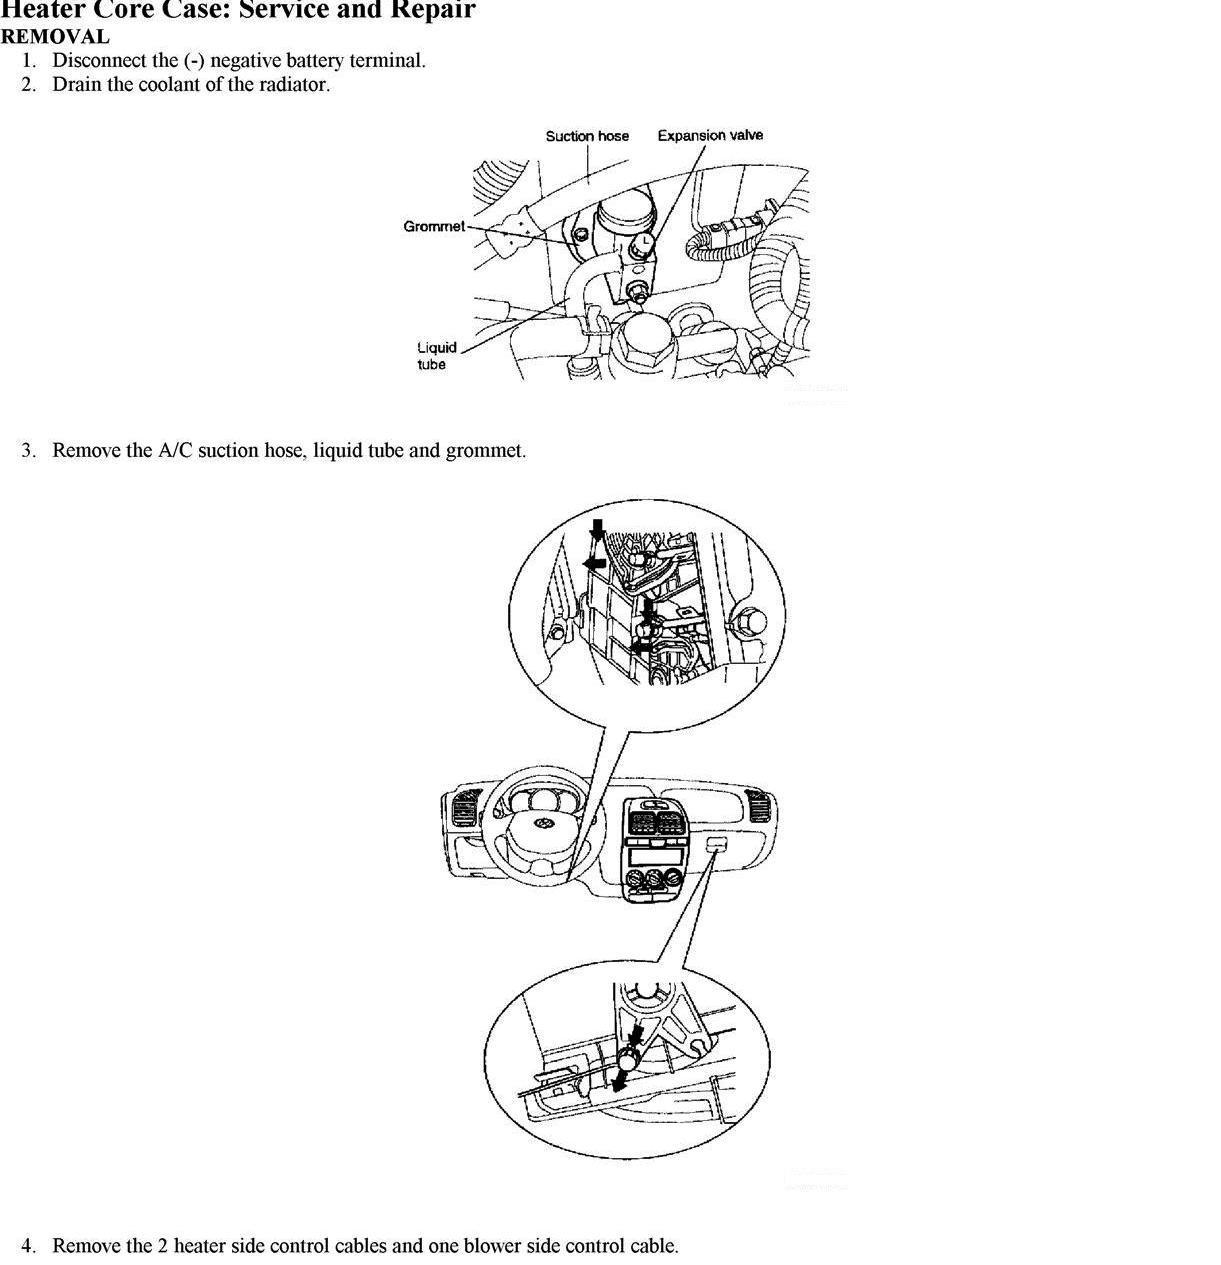 2006 sonata heater core diagram